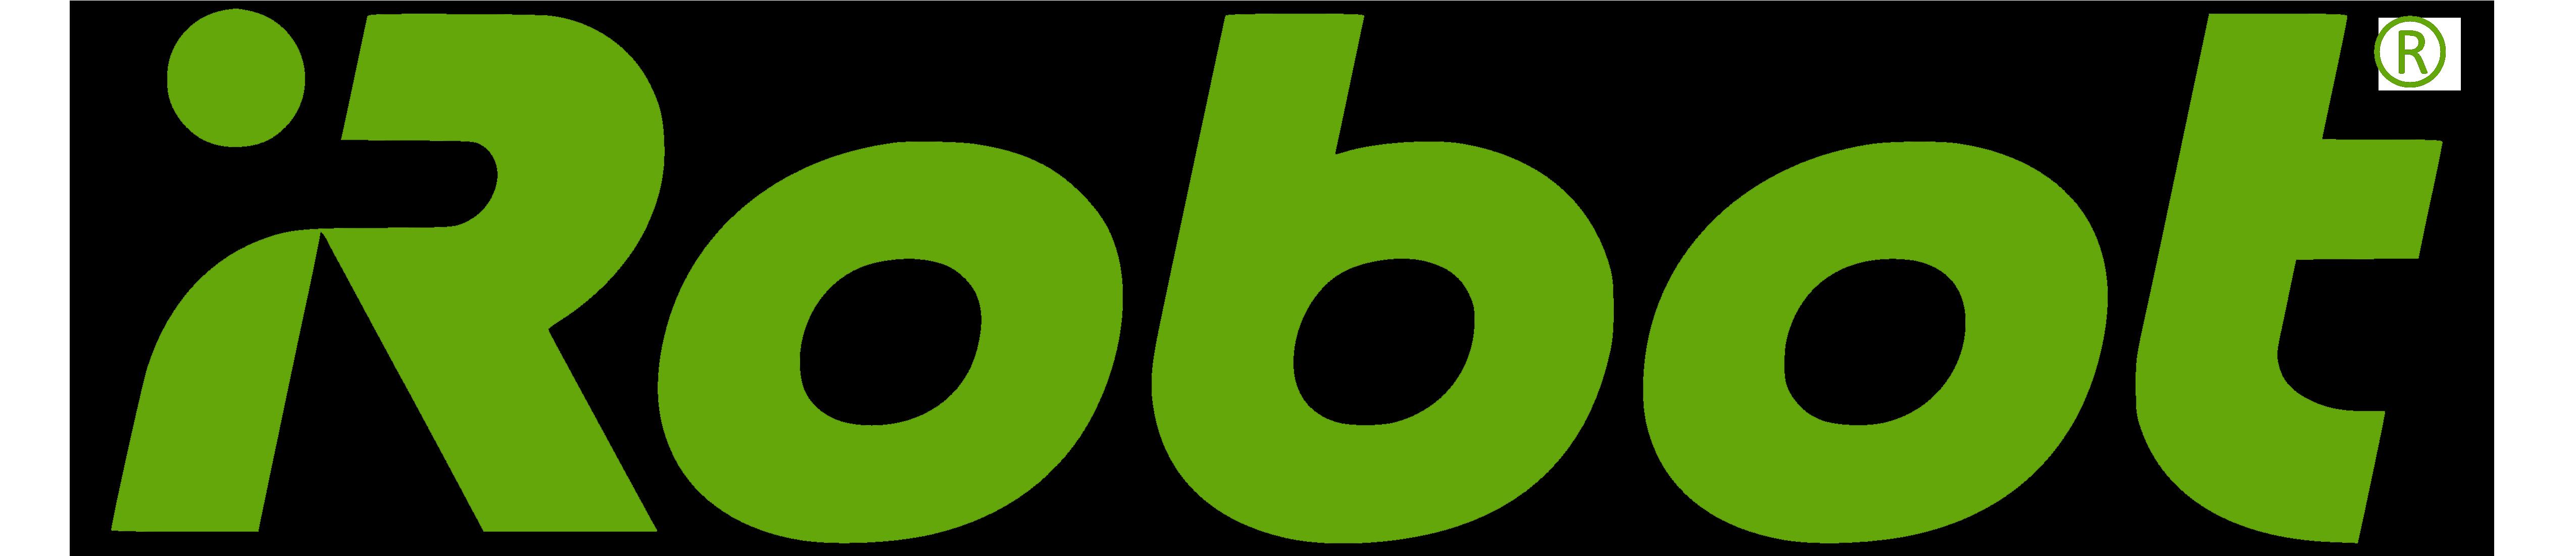 iRobot Logo Wallpaper